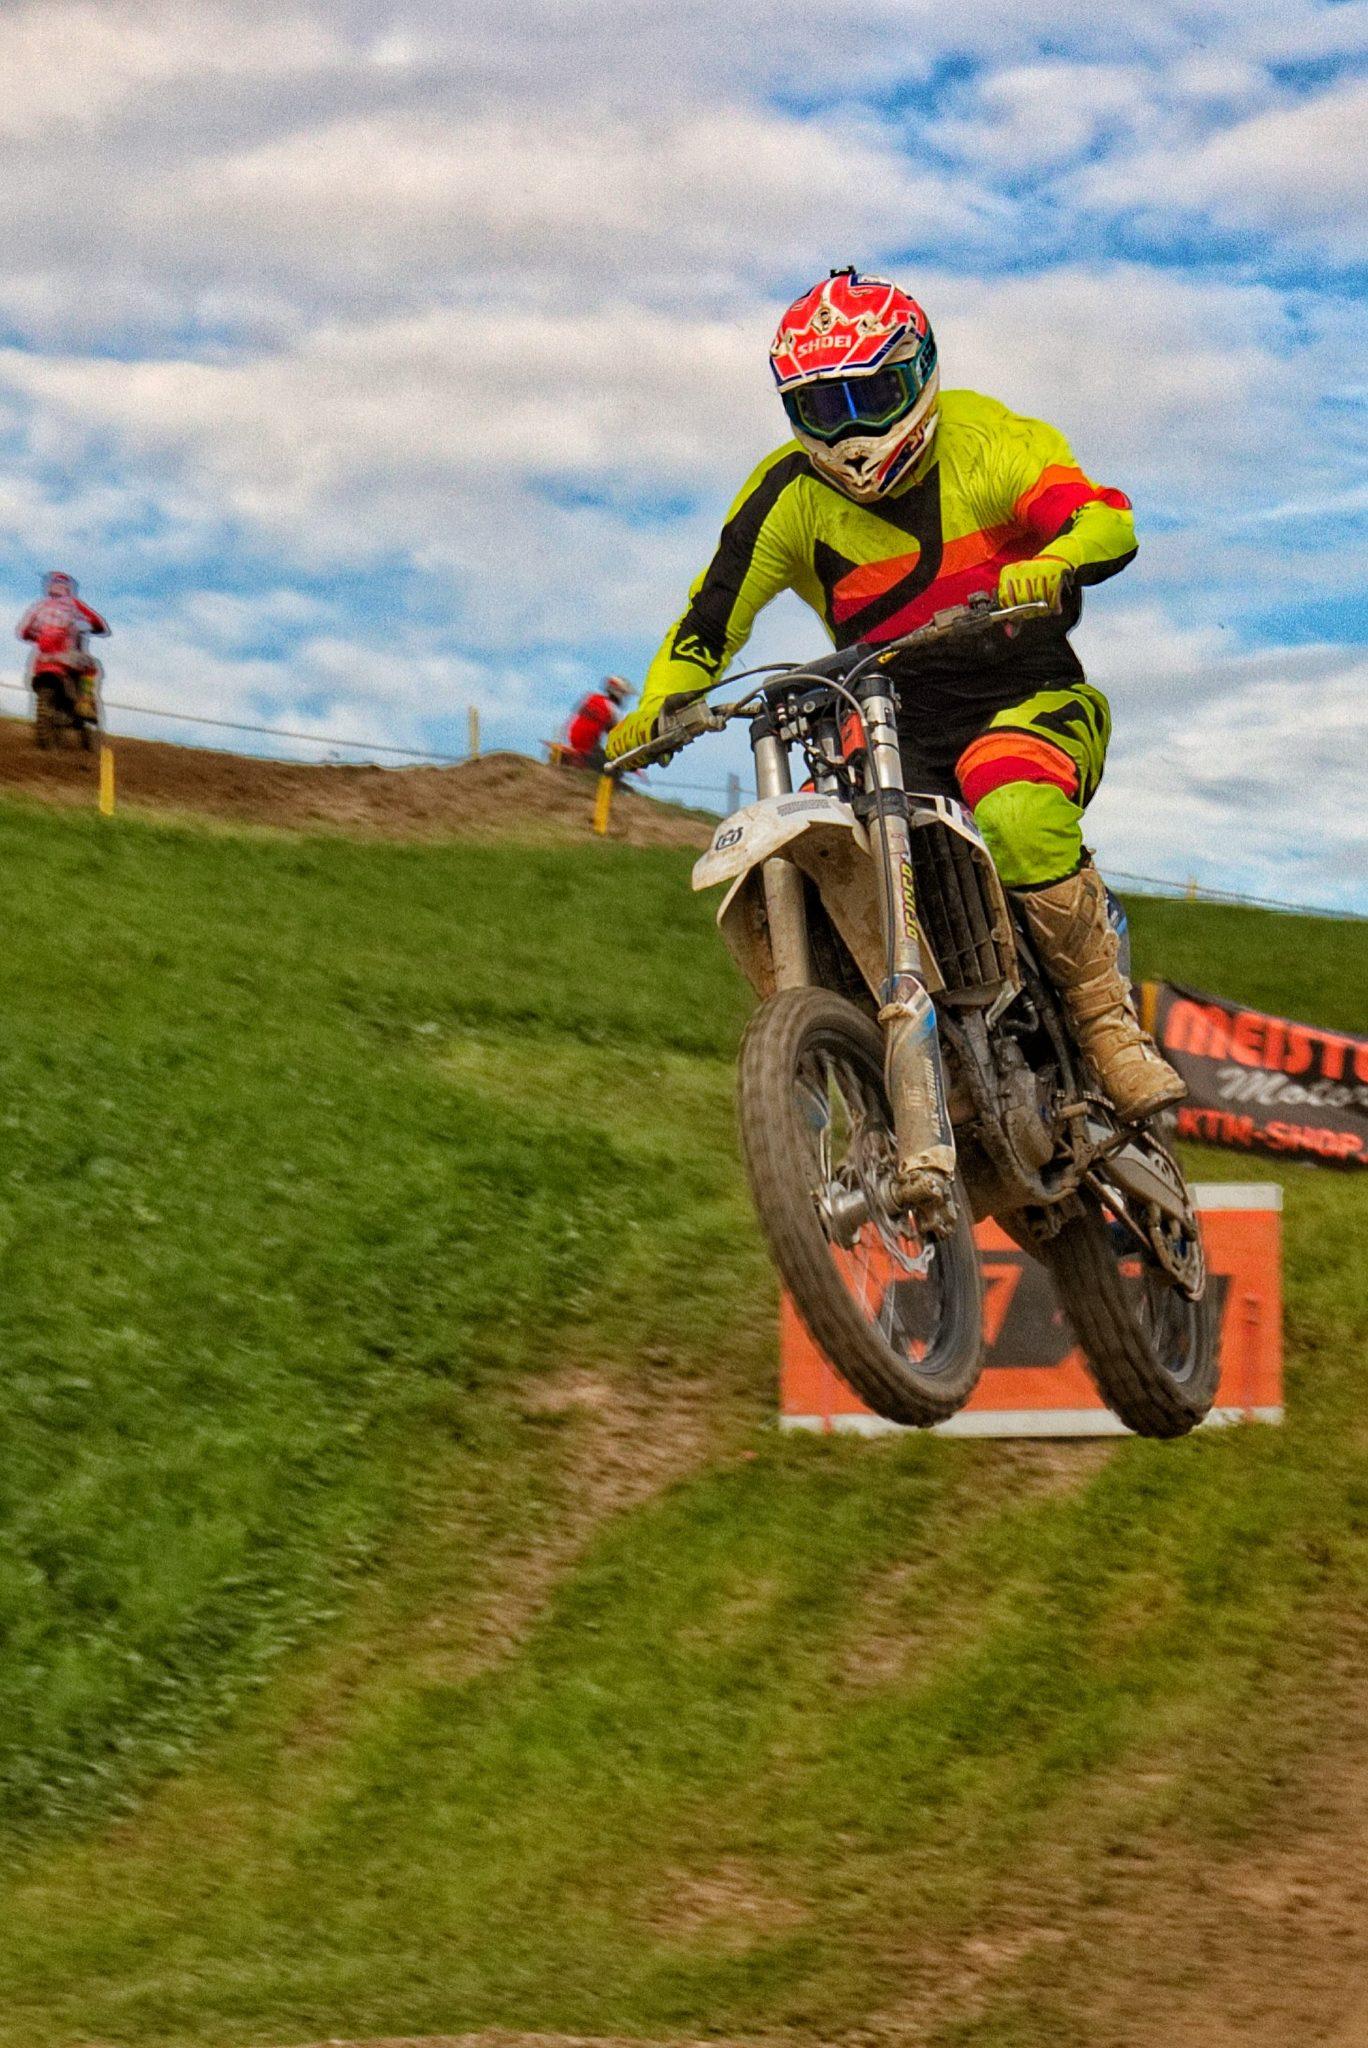 MXRS 2018 Tellenbach